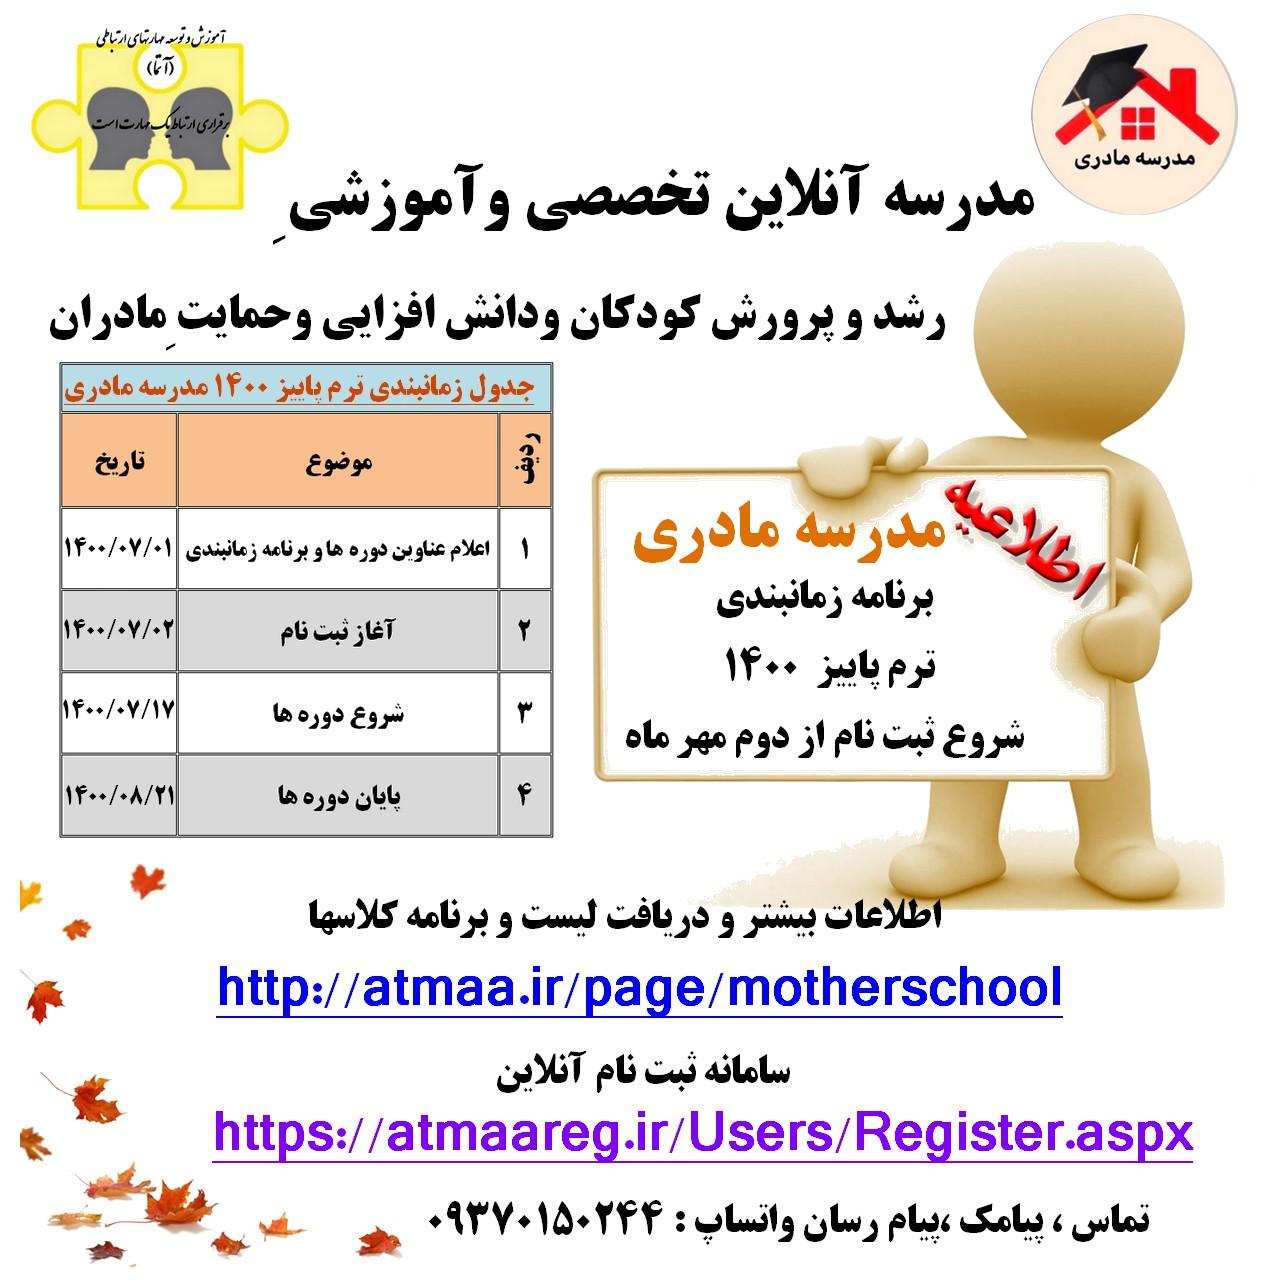 برنامه زمانبدنی ترم پاییز1400 مدرسه مادری